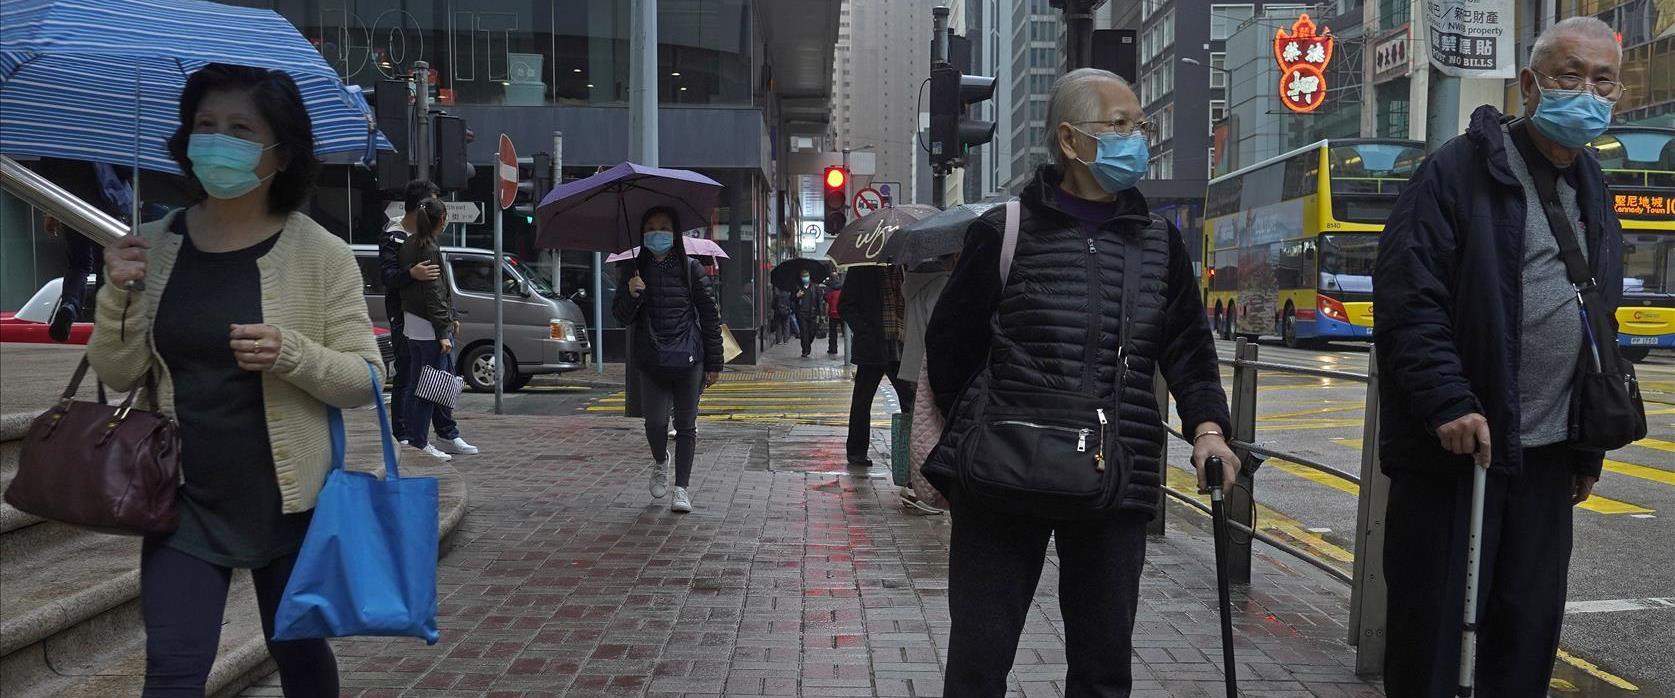 אזרחים בהונג קונג עם מסיכת פנים